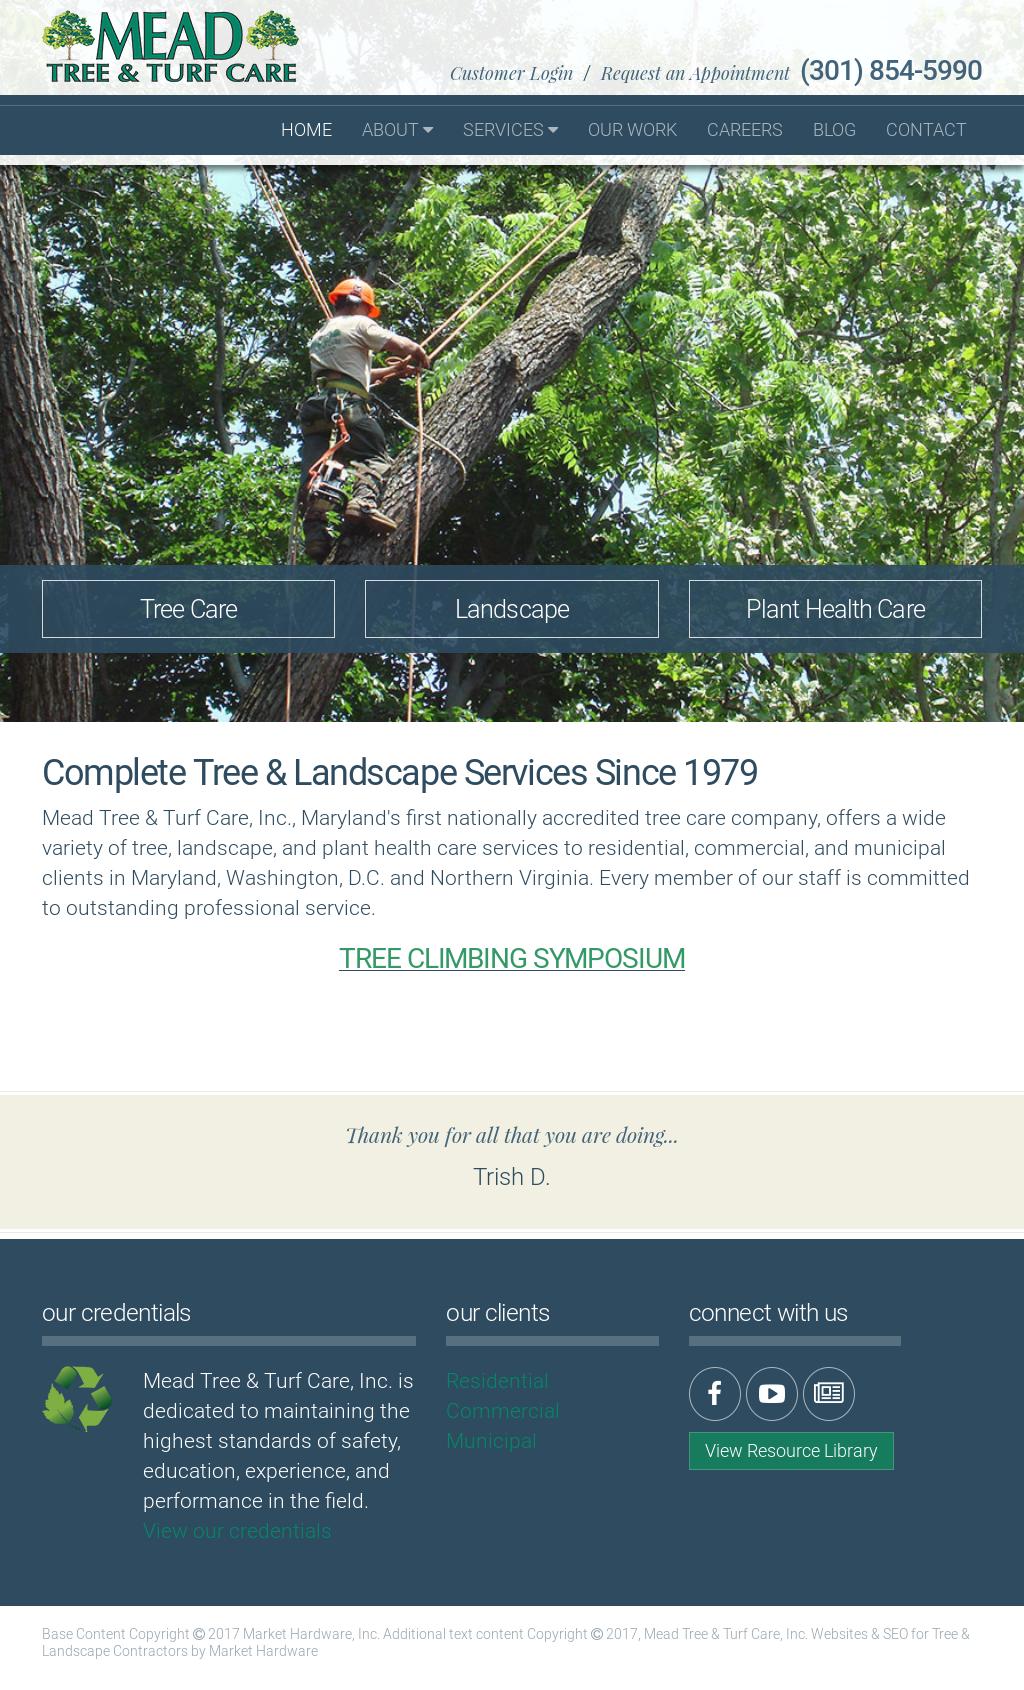 Mead Tree Turf Care Website History